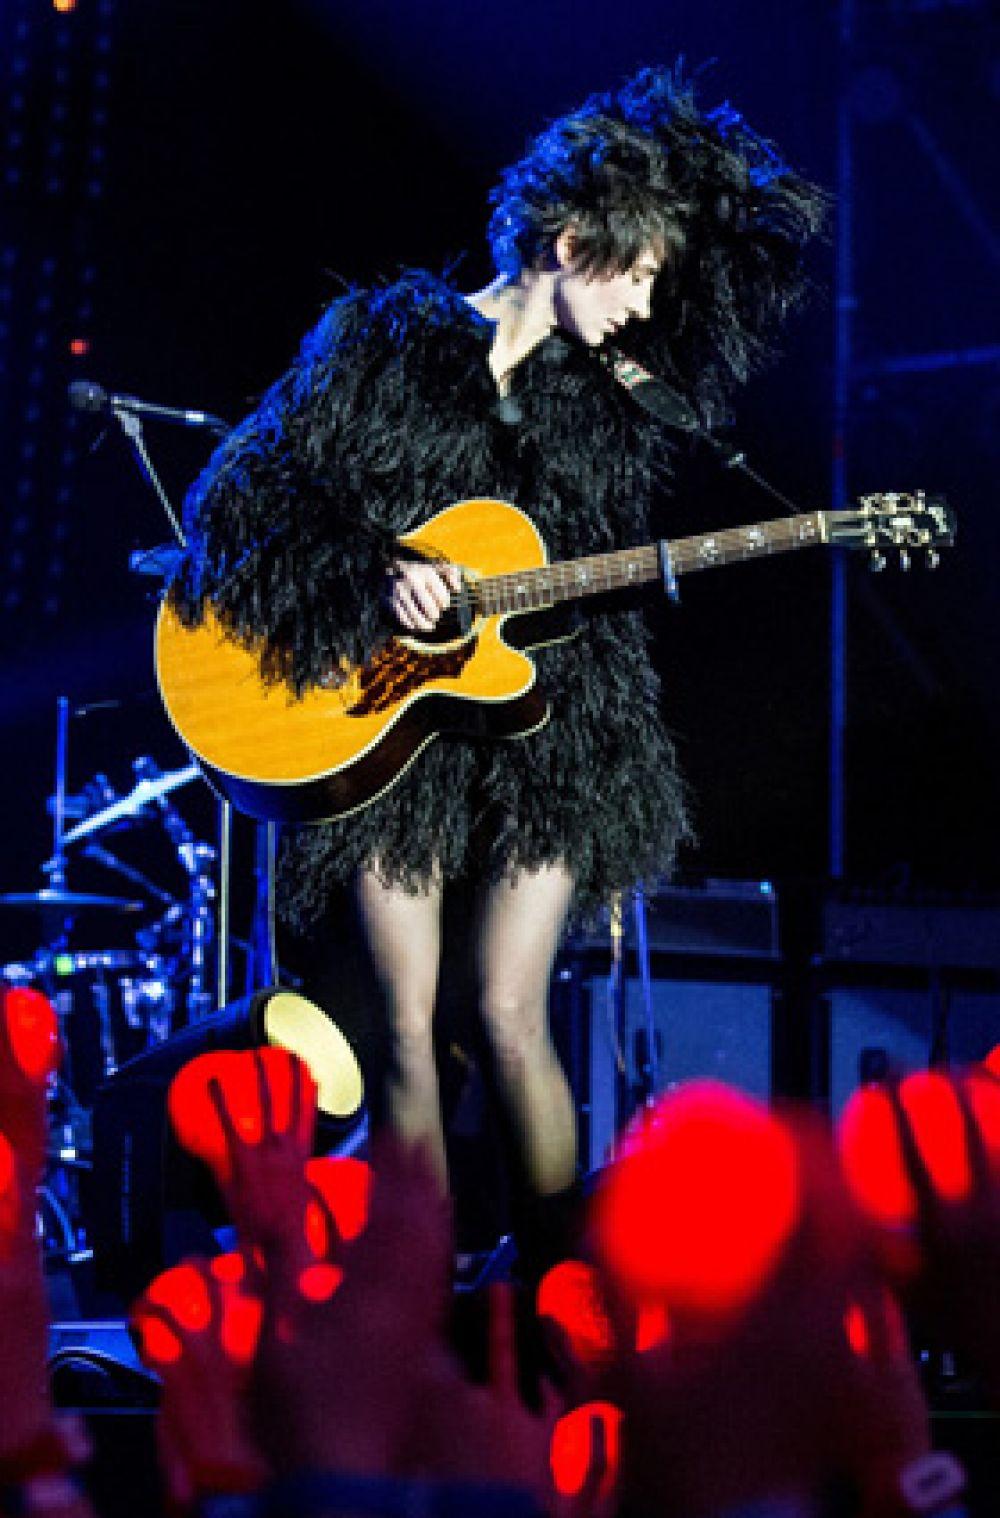 В феврале 2013 года свет увидел новый студийный альбом «Жить в твоей голове». Доходы от продаж альбома за первый месяц составили два миллиона рублей, что является рекордом для интернет-продаж произведений российских исполнителей.